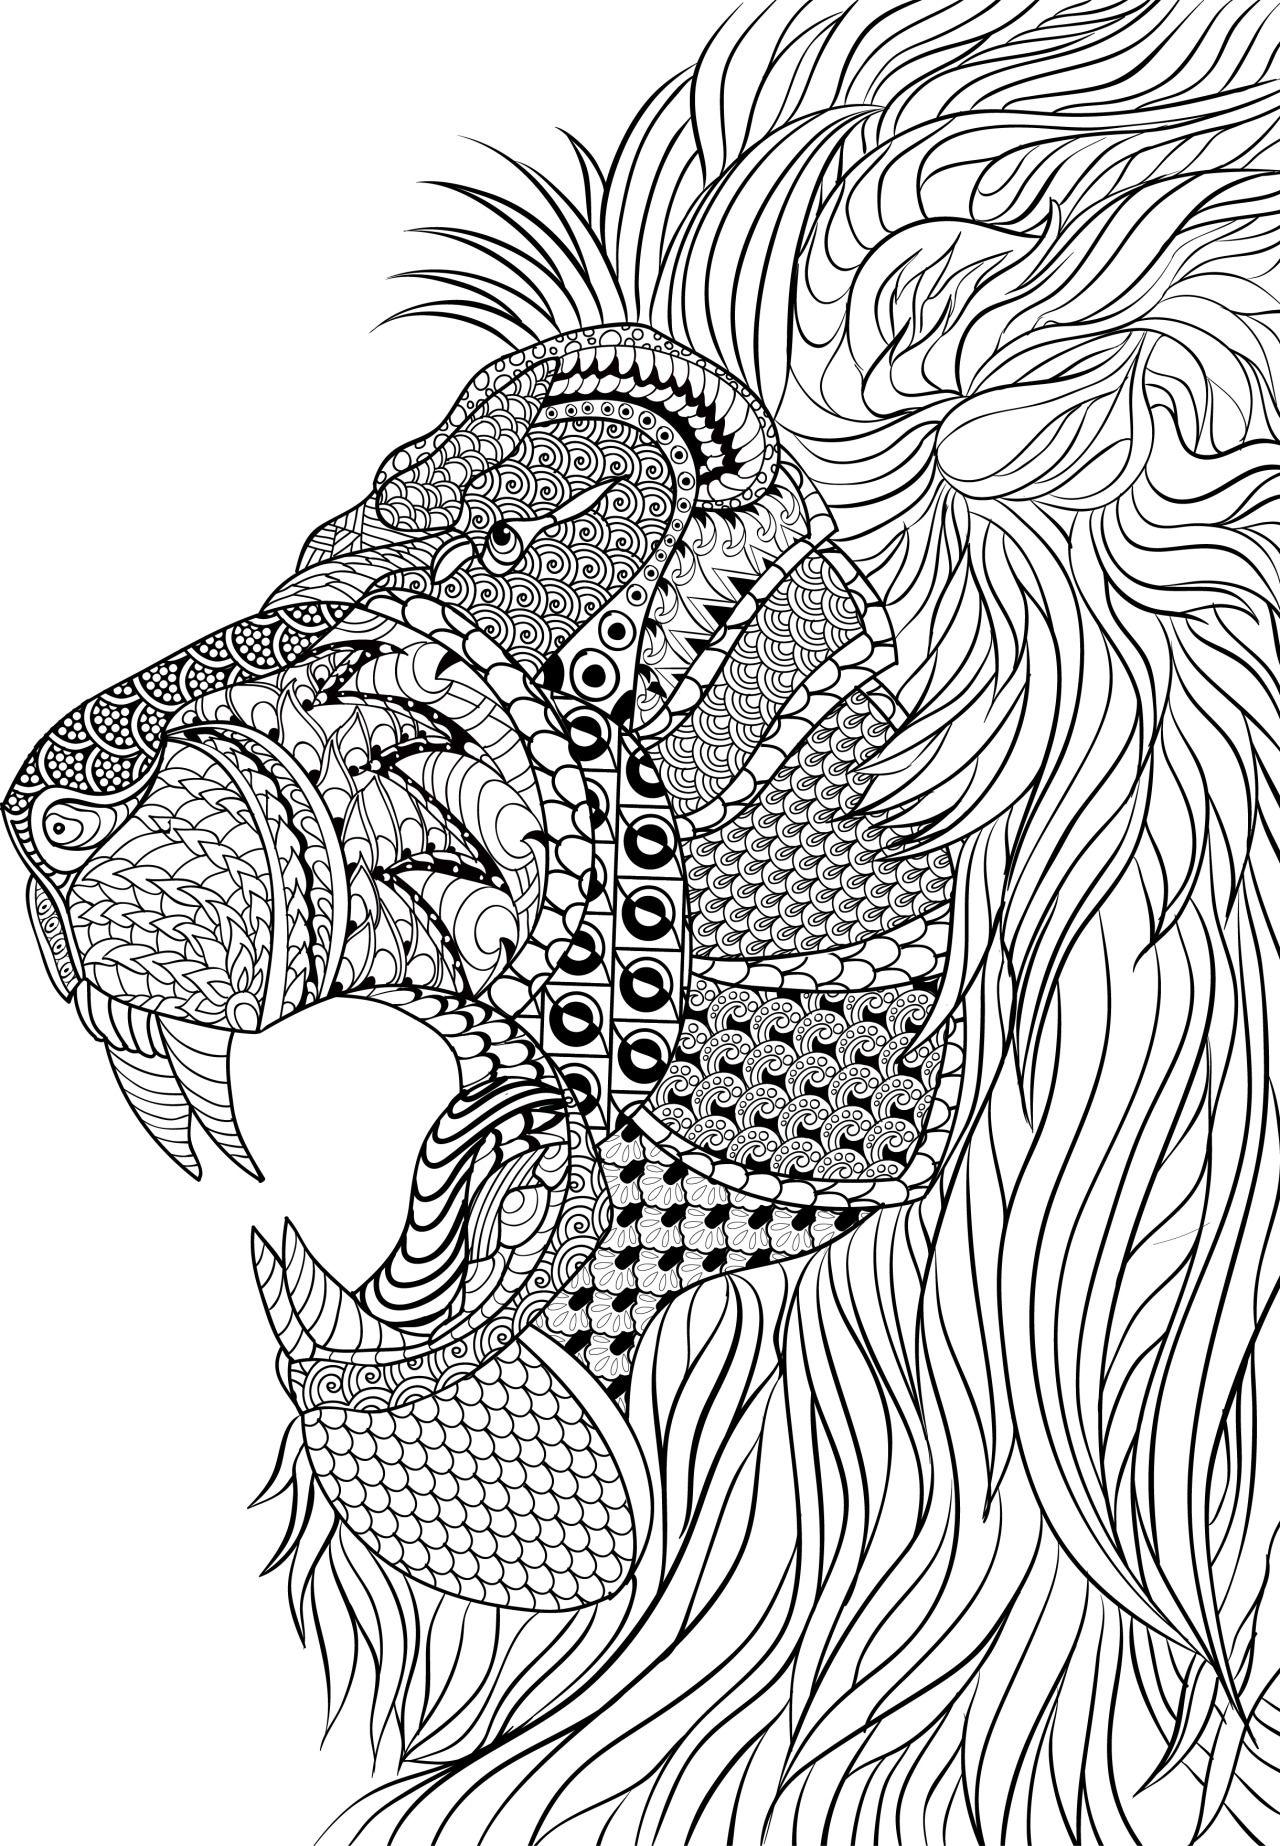 Pin de Luis Pagasa Ccaihuari en leon   Pinterest   León